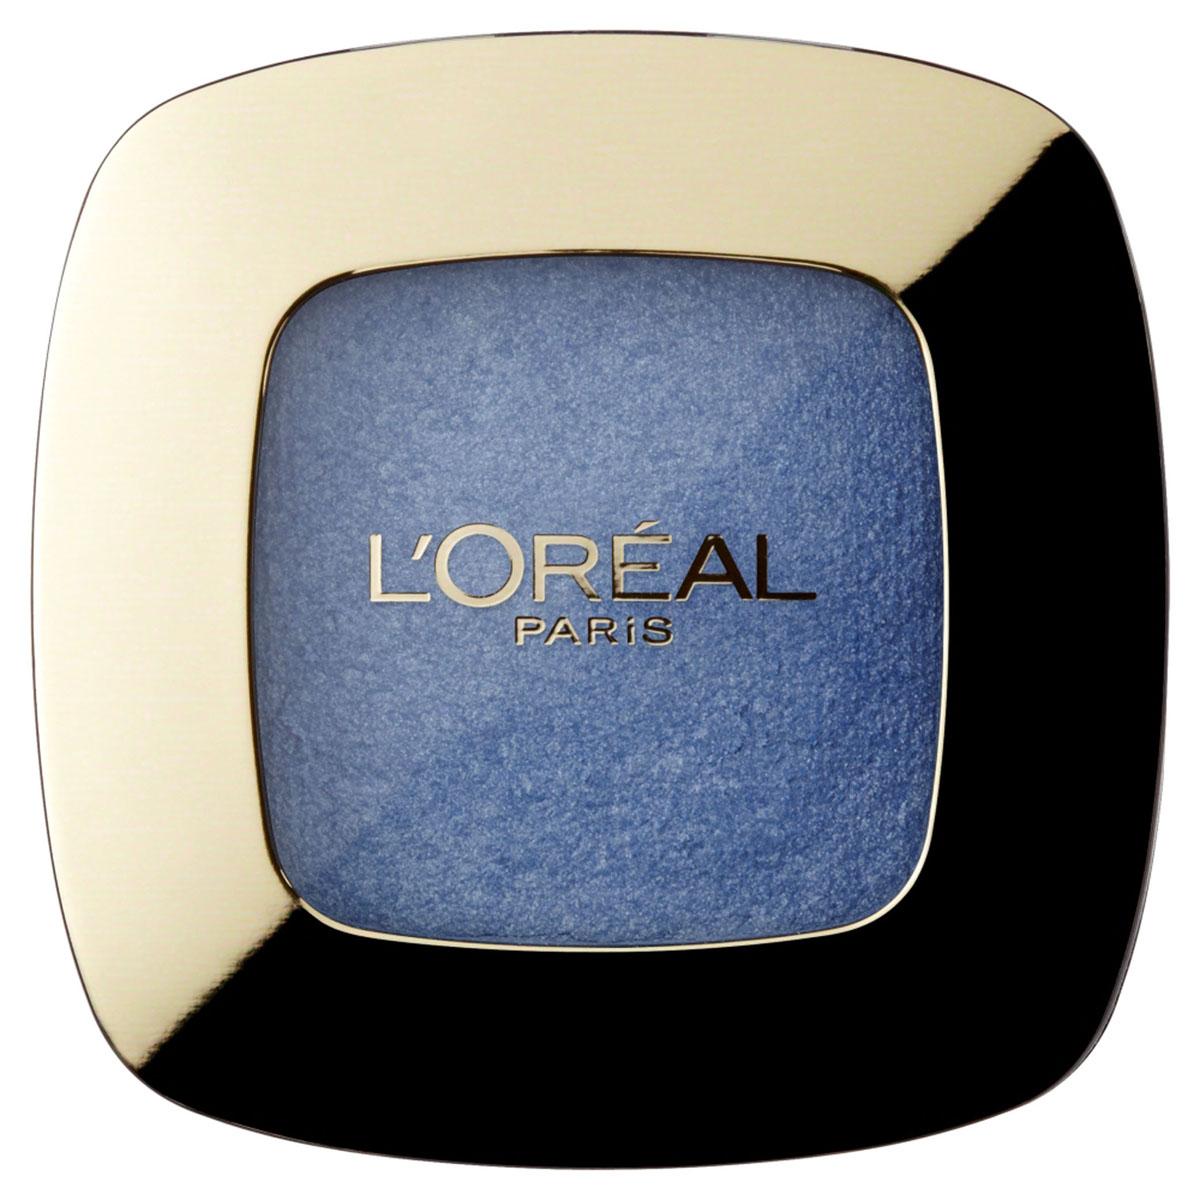 LOreal Paris Тени для век Color Riche моно, оттенок 404, Pop, поп, стойкие, 3,6 млA8117550Однотонные тени Color Riche LOmbre Pure - новый тренд в макияже глаз. Уникальная гелевая технология делает цвет ярким, насыщенным и стойким. Пудра с чистейшими пигментами создает 4 цветовые семьи: плотные матовые, трепетные нюдовые, дымчатые смоки и сочные поп оттенки. Технология Призма-Шайн класса люкс создает пятую семью: многогранные светоотражающие оттенки с высокой концентрацией перламутровых частиц. Невероятный результат: непревзойденный цвет и сияние, гладкое, бархатное ровное покрытие, стойкость.